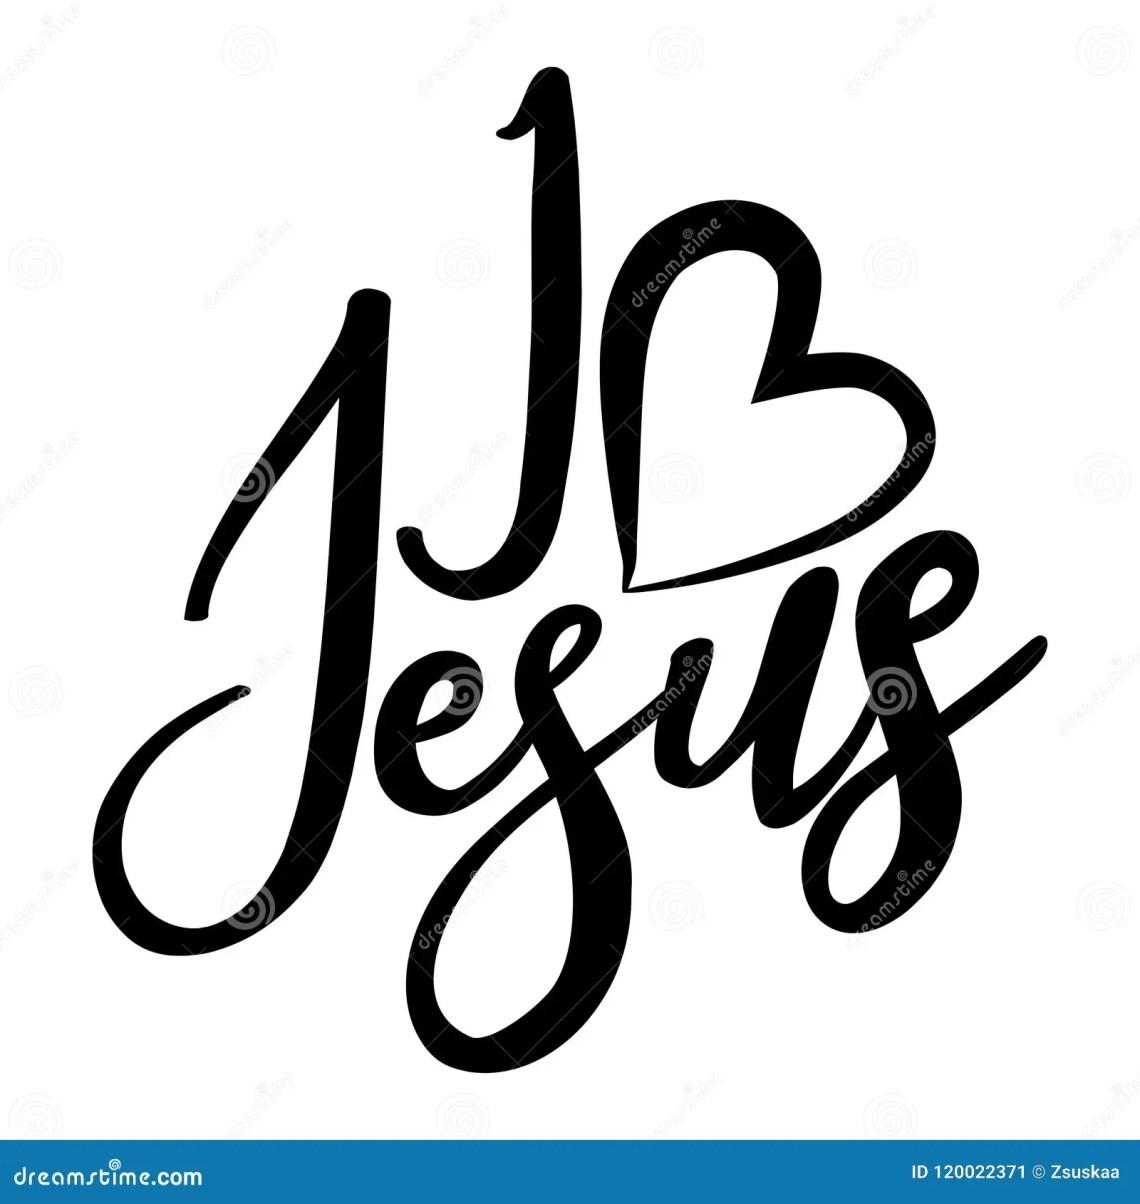 Download I Love Jesus - Hand Written Vector Calligraphy Stock ...